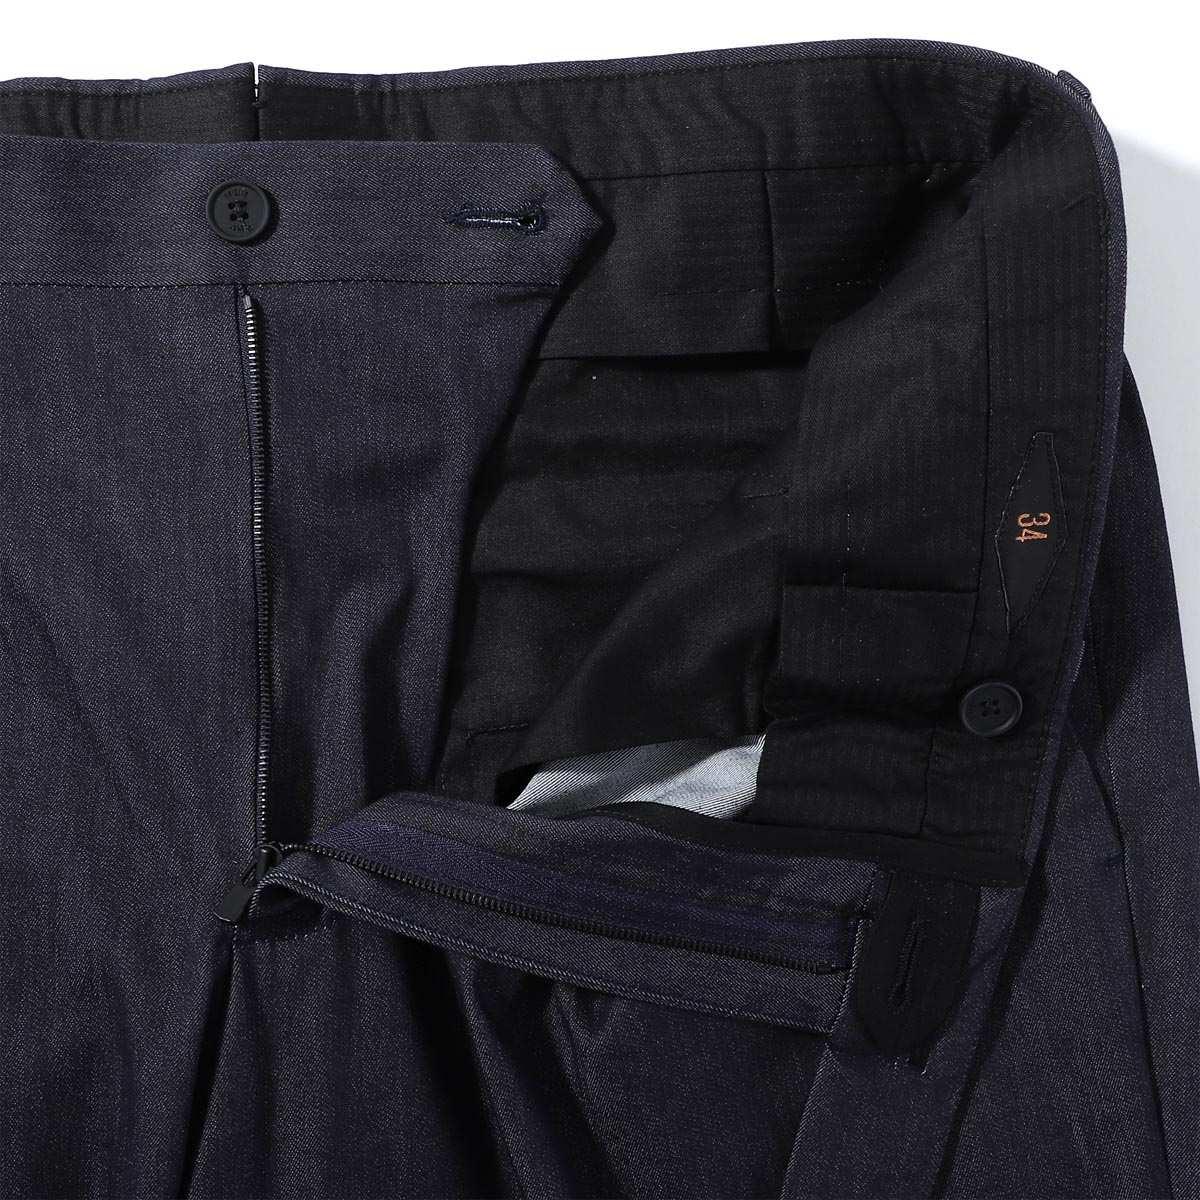 【アウトレット】BRIGLIA 1949 ブリリア ワンプリーツパンツ/32079 EASY FIT メンズ